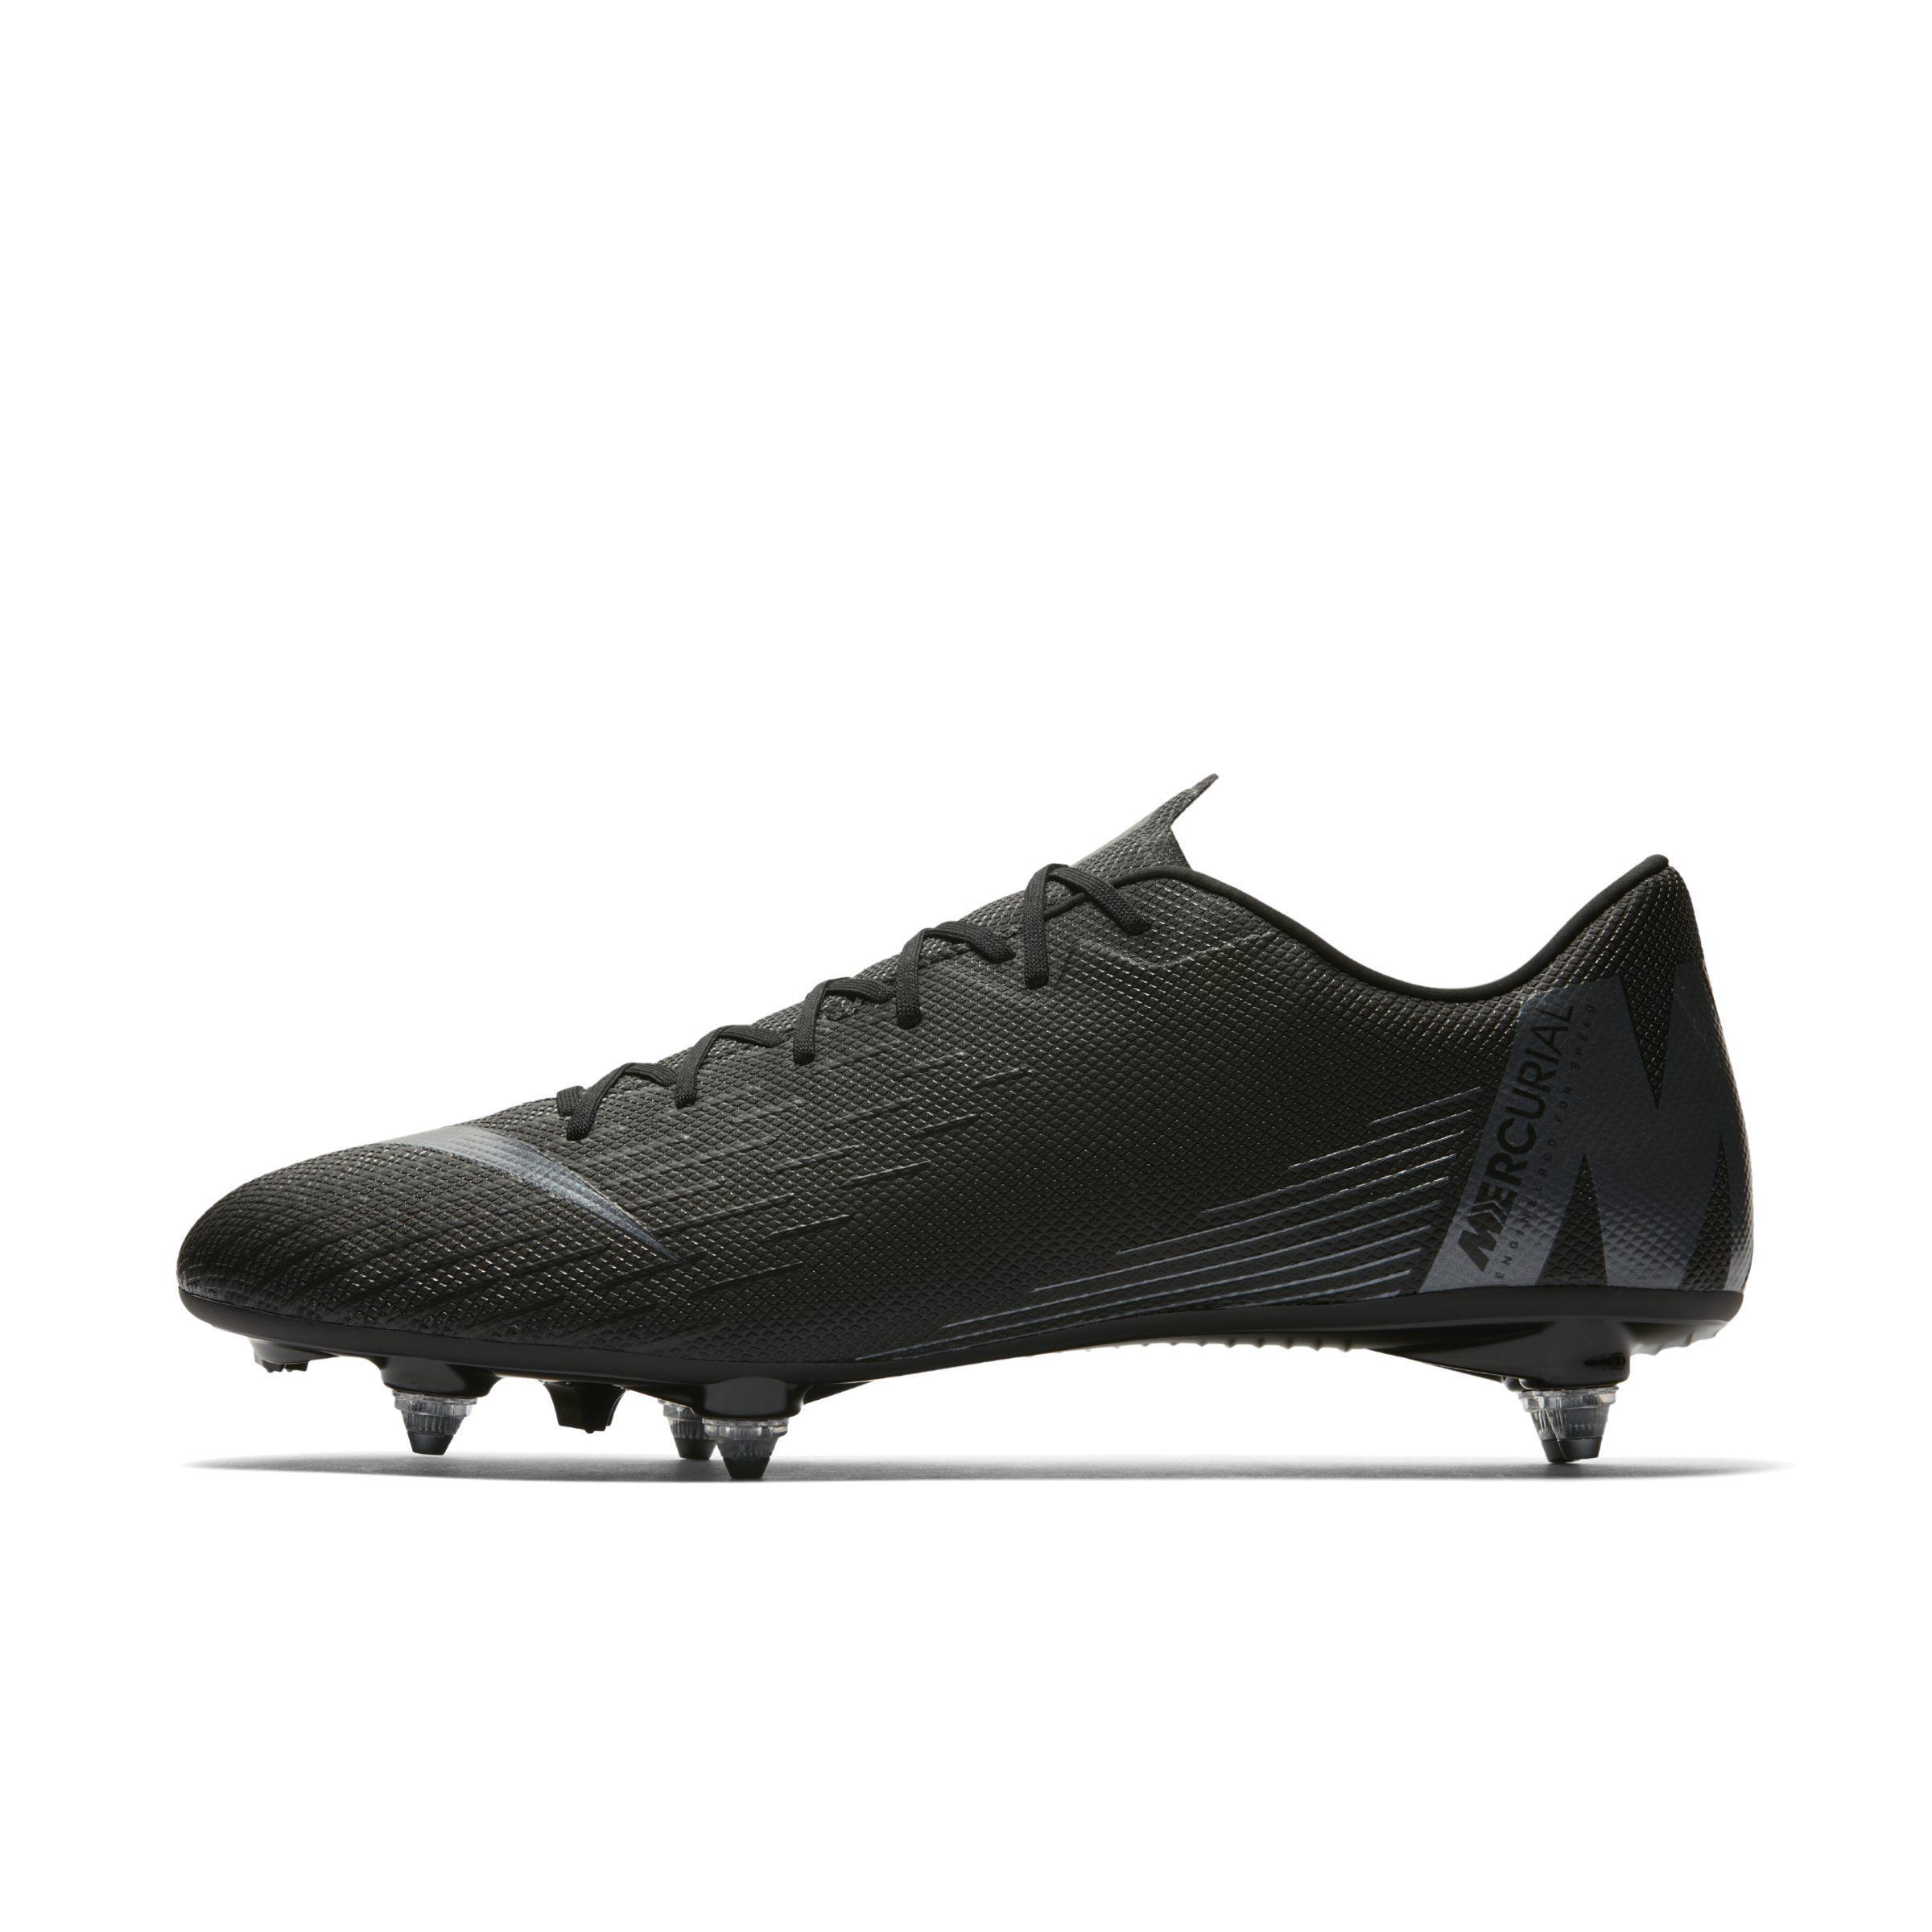 Nike. Women s Black Mercurial Vapor Xii Academy Sg-pro Soft-ground Football  Boot 24ac1ca4e